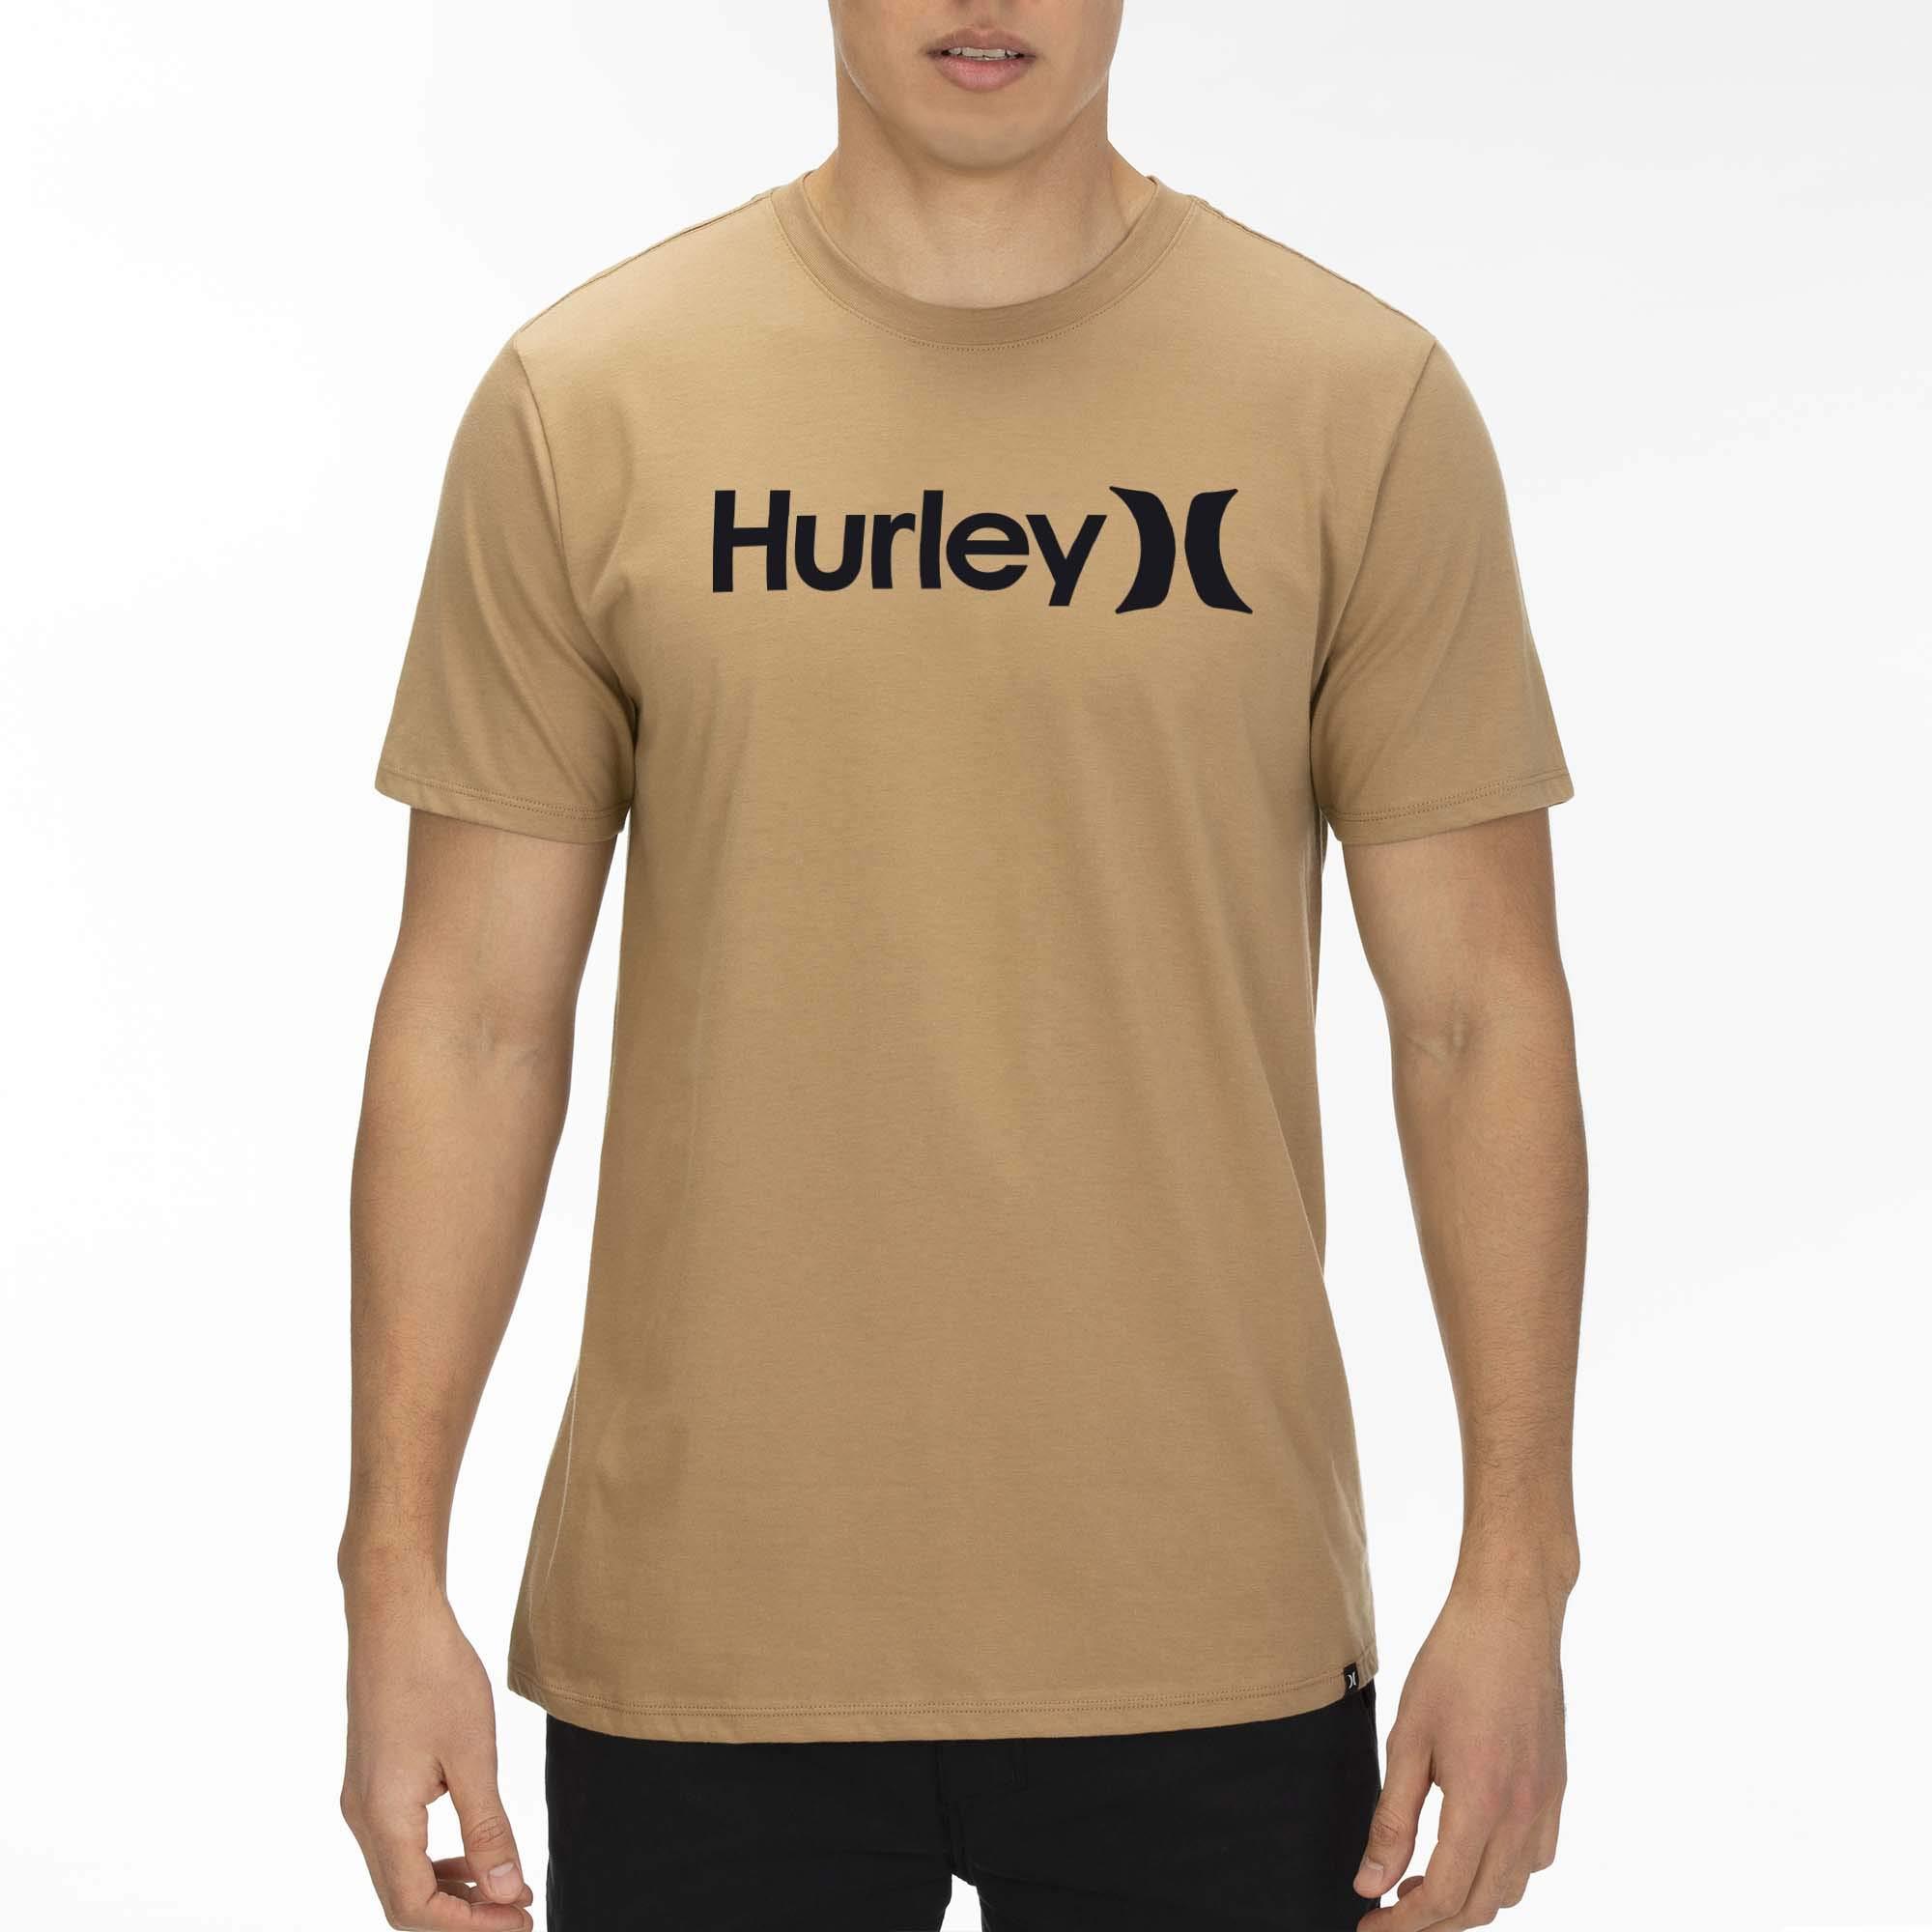 Hurley Men's Premium Short Sleeve Logo Tshirt, BEECHTREE/(Black), S